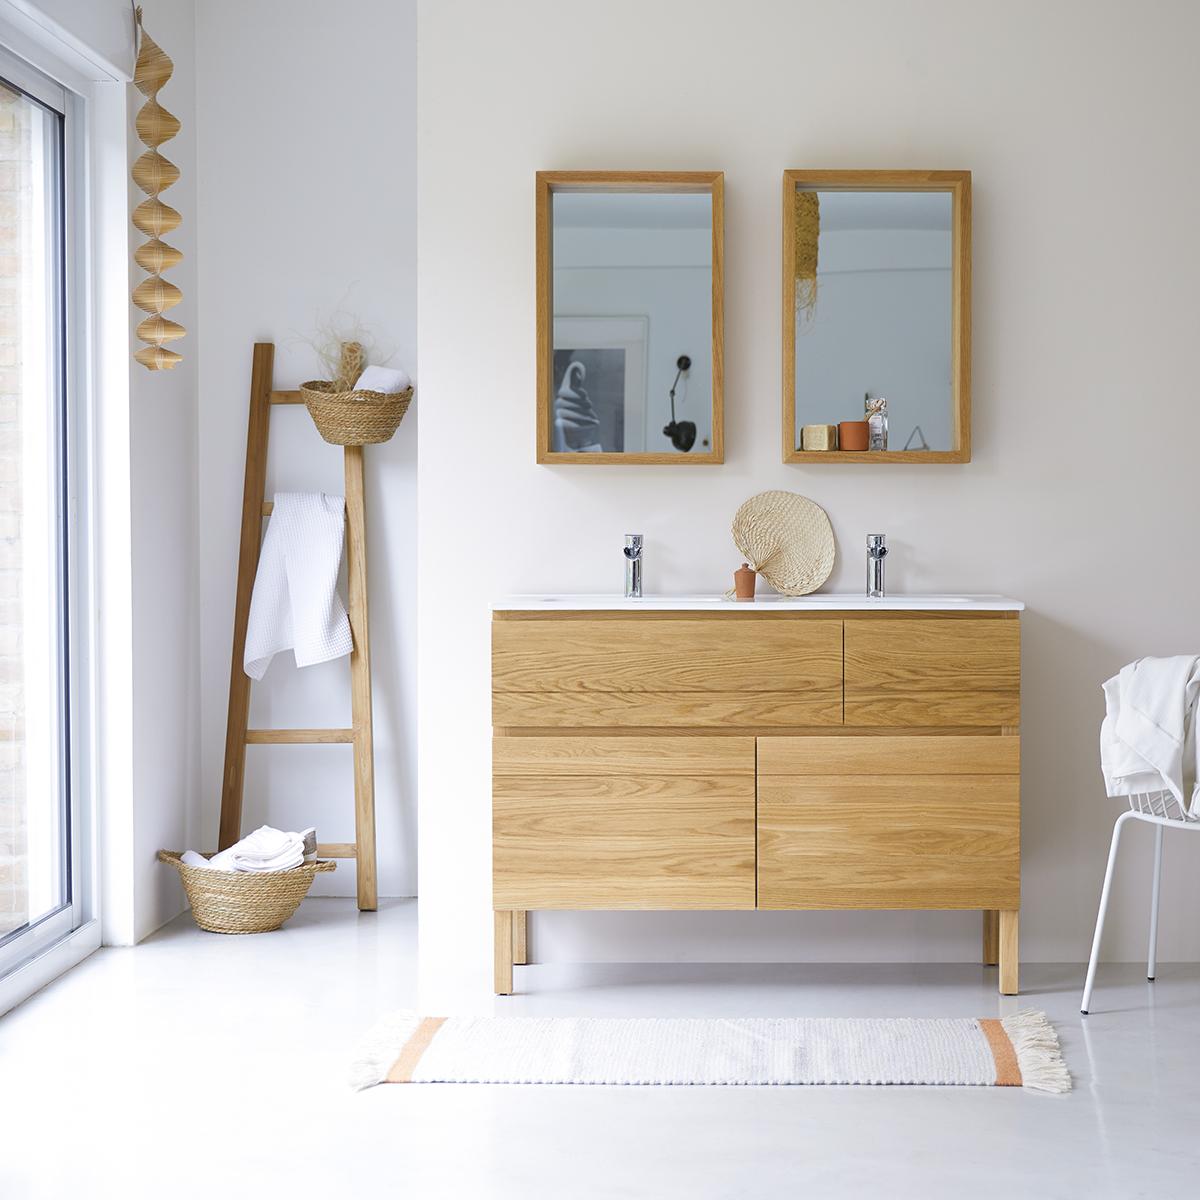 Mueble en Madera de roble macizo con lavabos de cerámica 120 Easy